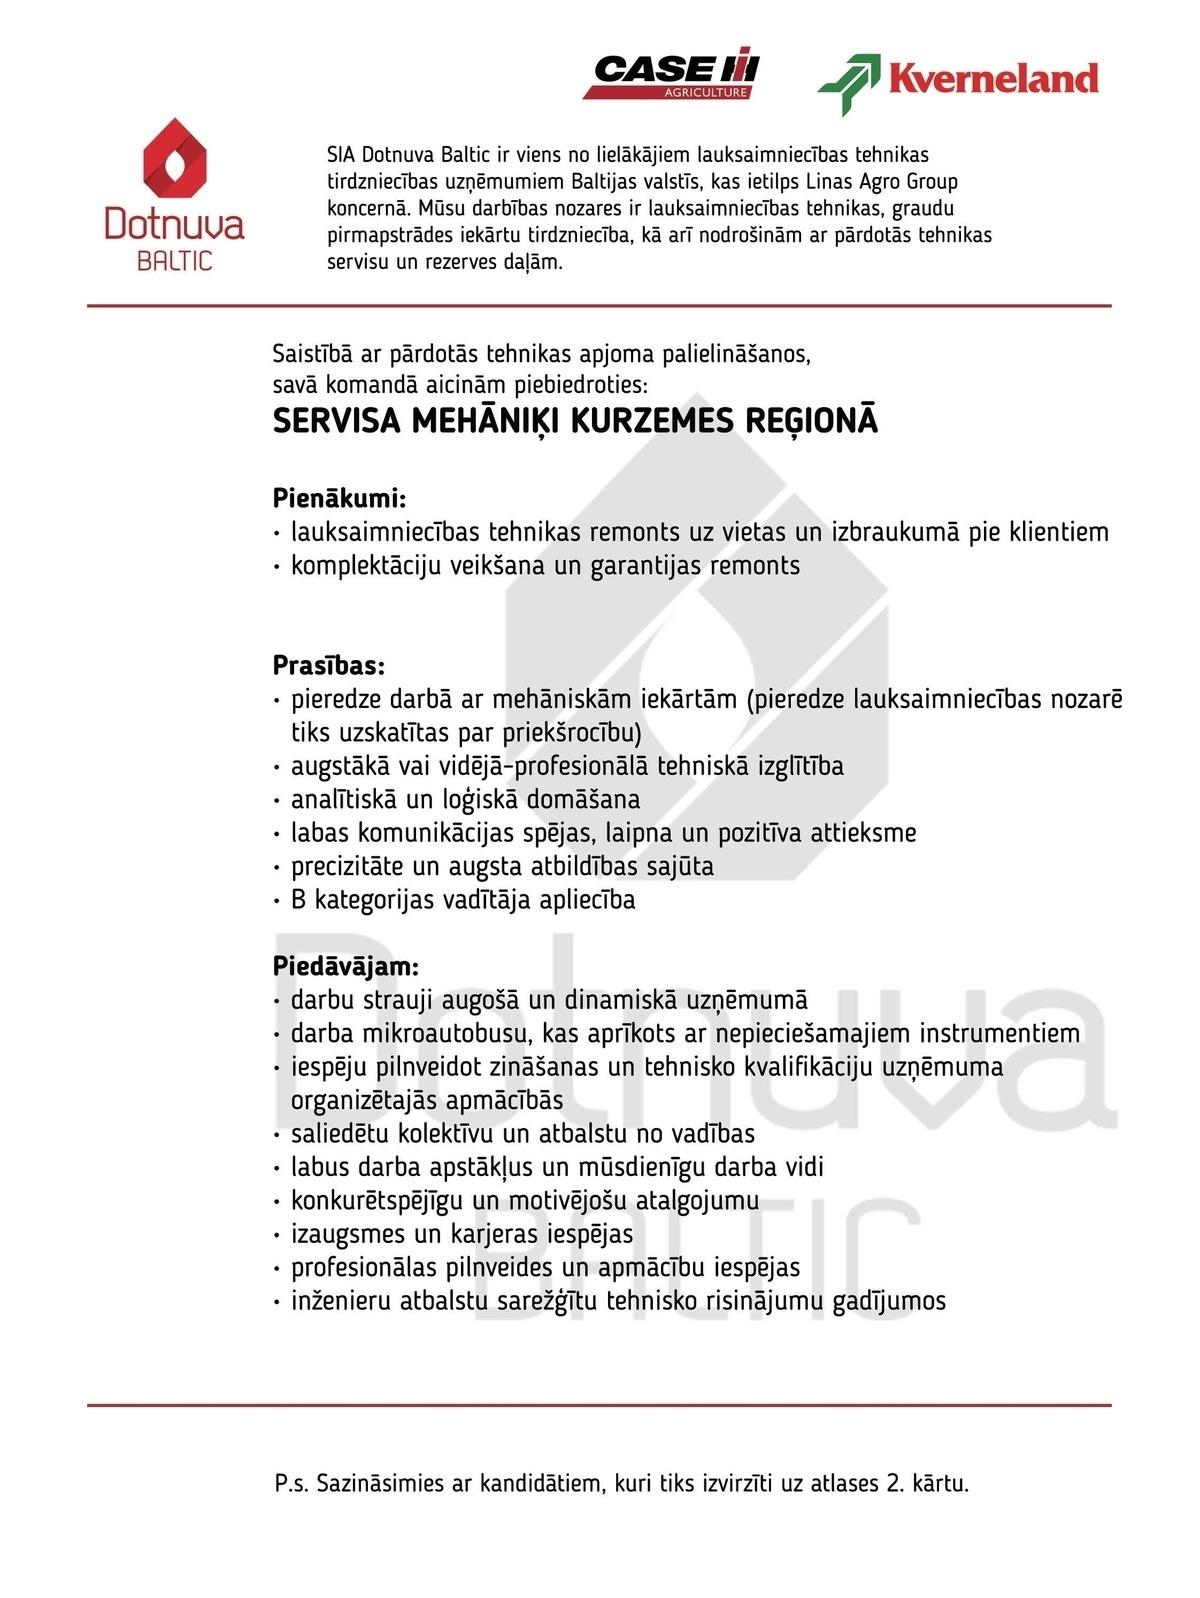 Saeimas Analītiskā dienesta pētījumi - Latvijas Republikas Saeima